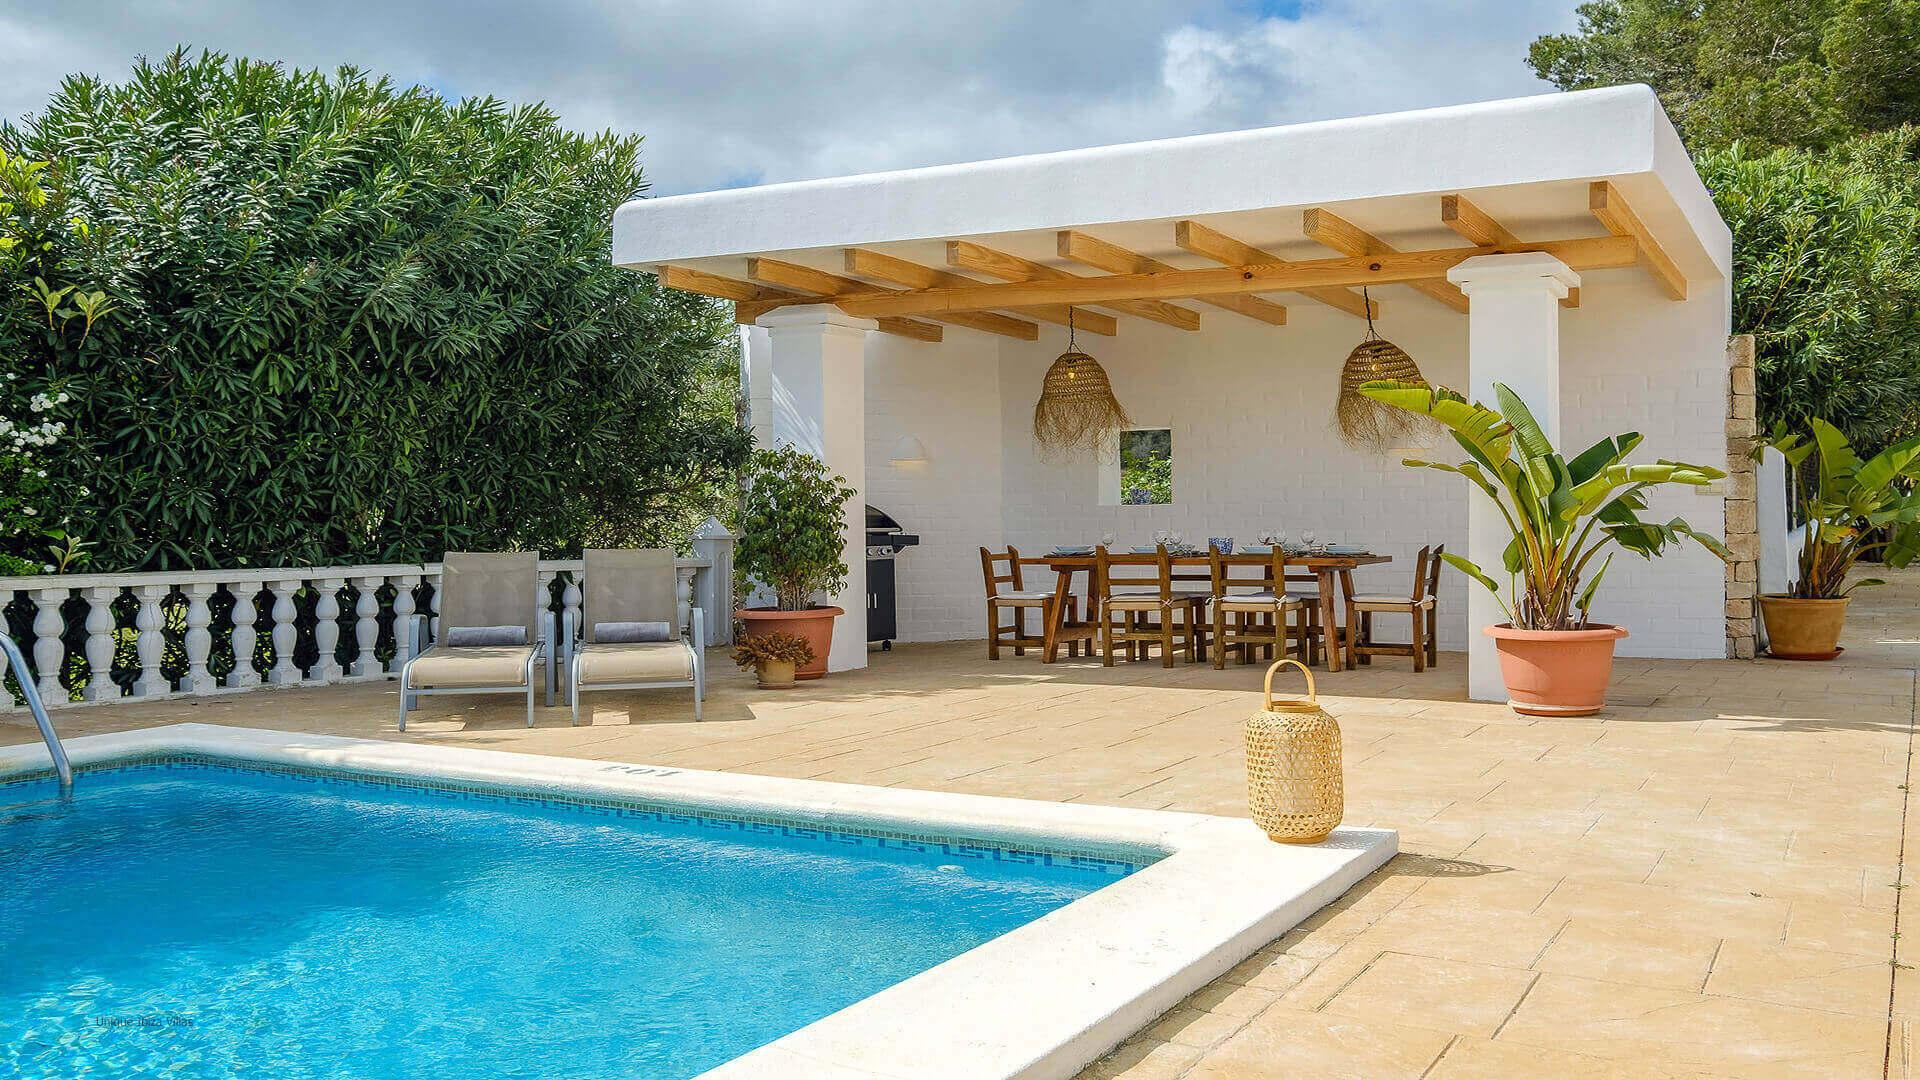 Villa Catalina Ibiza 4 Santa Eulalia